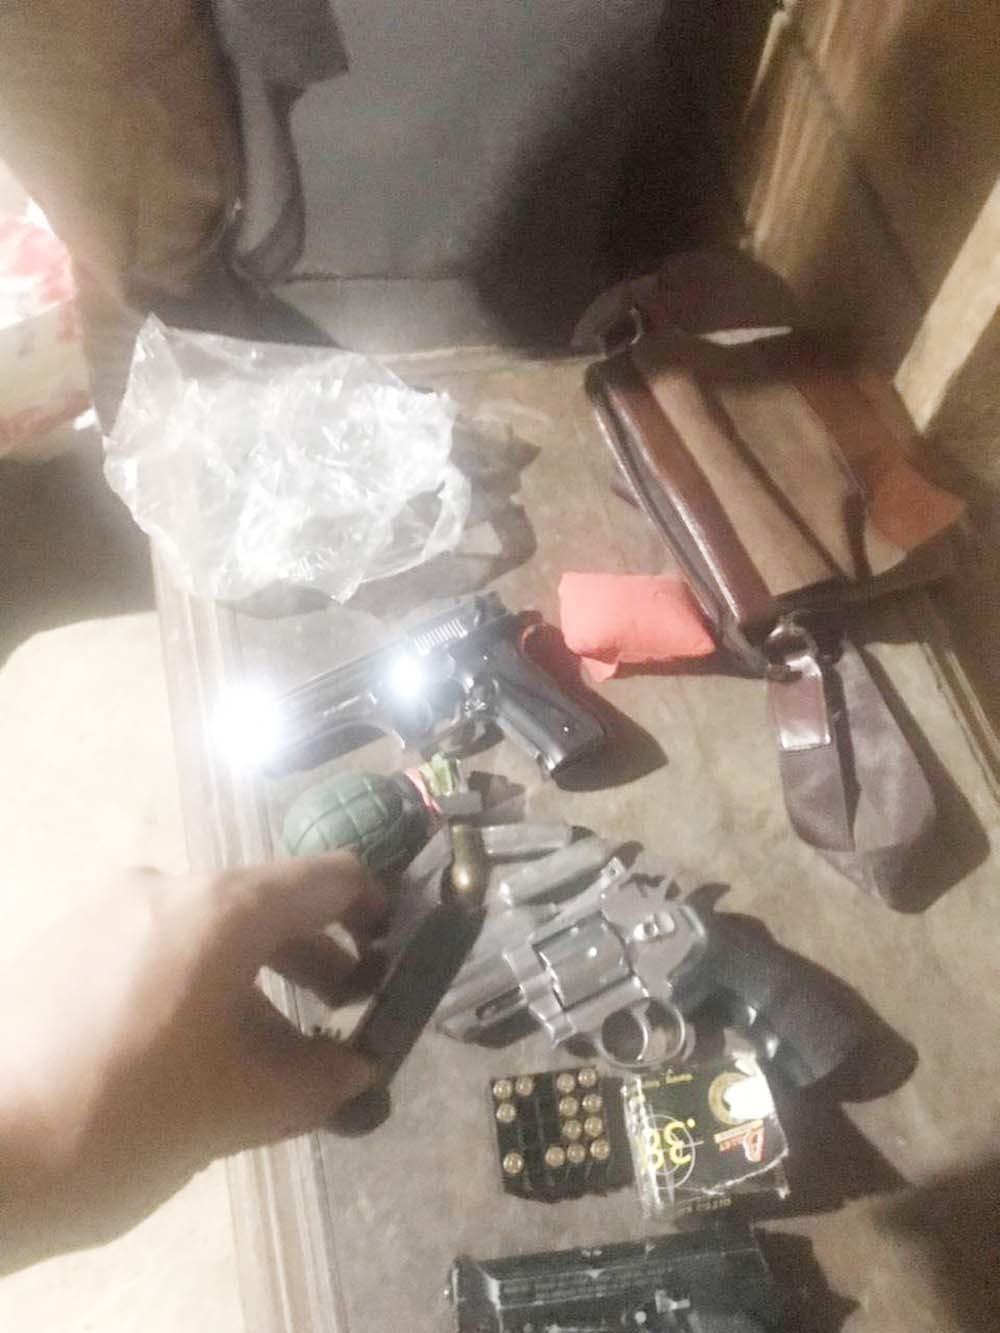 Trùm ma túy thủ cả 'mớ' súng đạn, vợ hotgirl chuyên tuồn hàng ở Sài Gòn